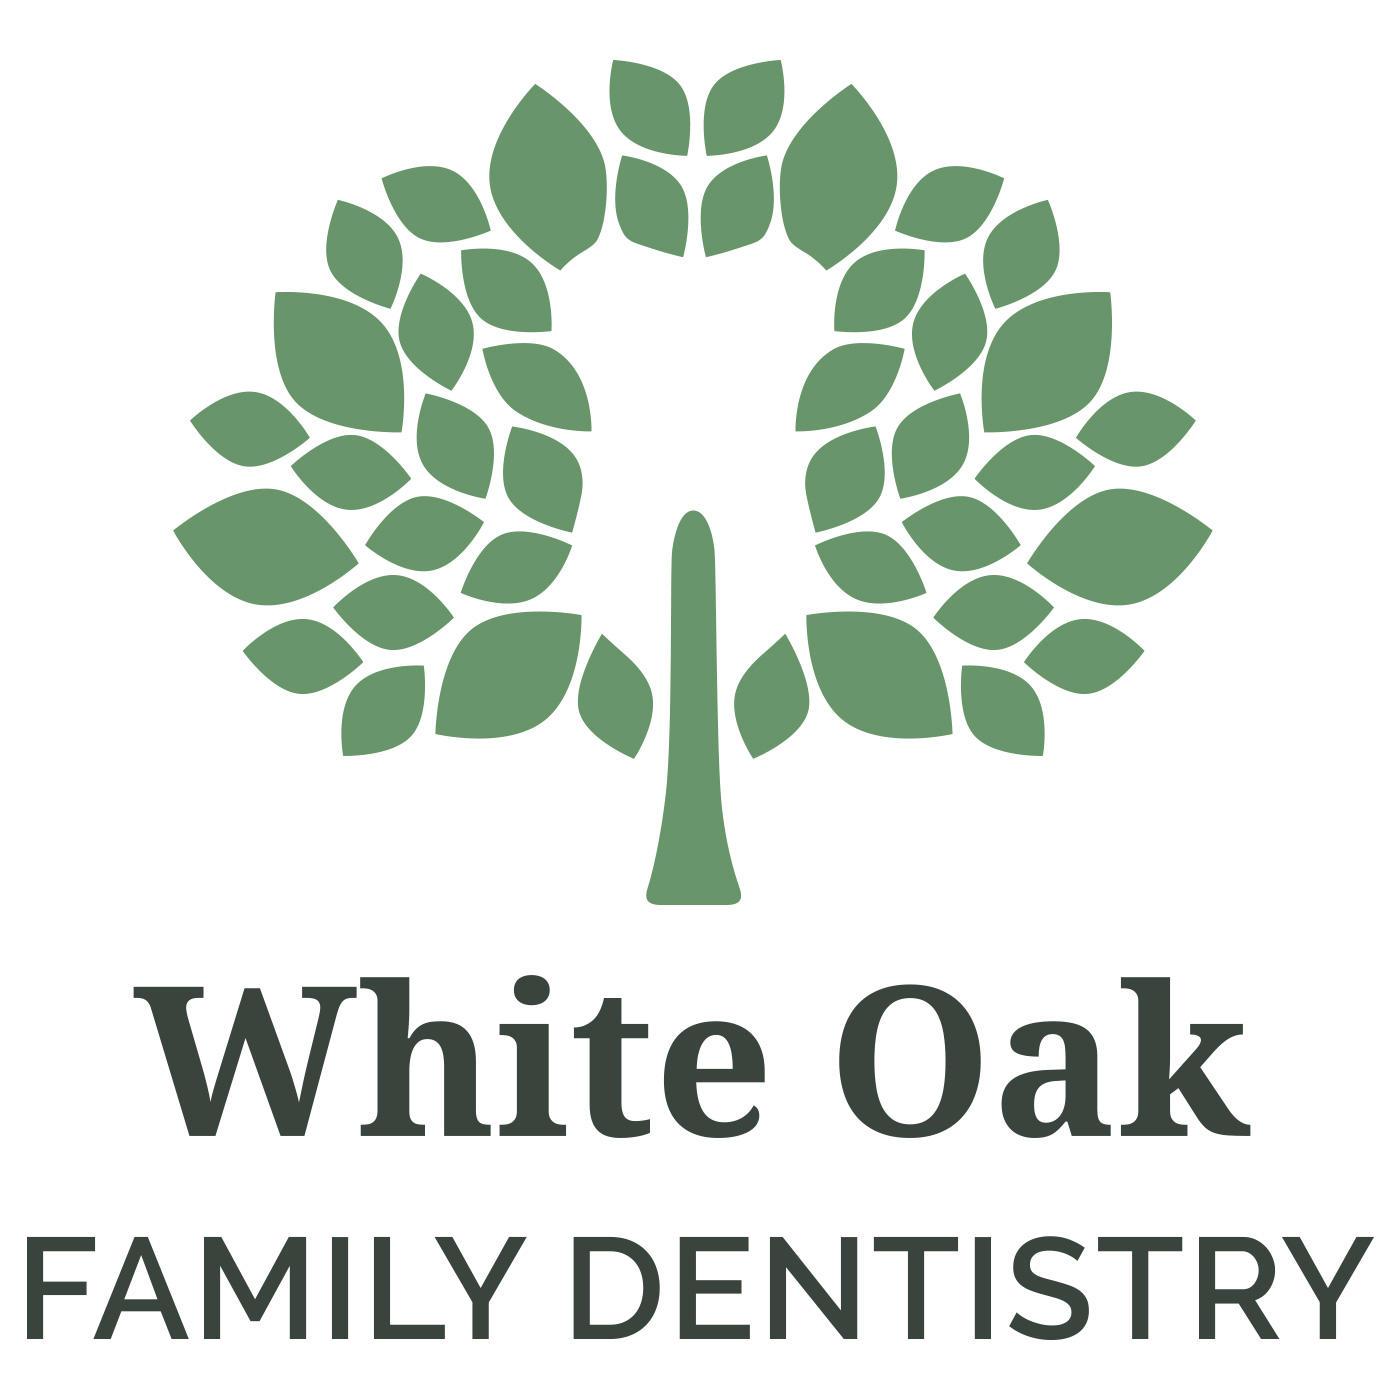 White Oak Family Dentistry